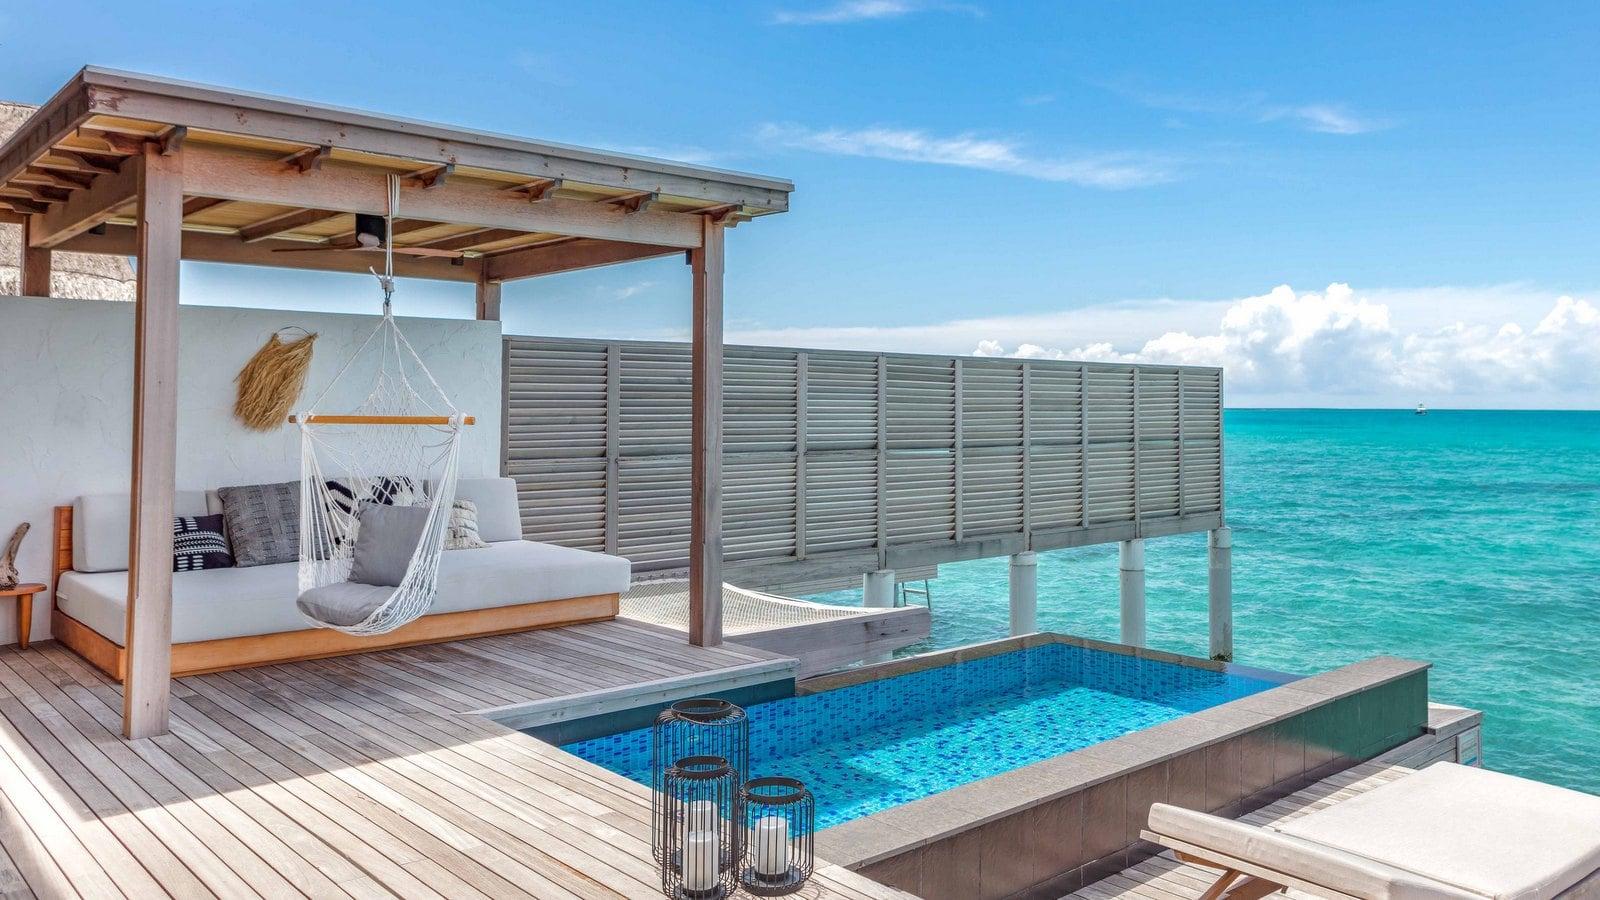 Мальдивы, отель Fairmont Maldives Sirru Fen Fushi, номер Three Bedroom Water Sunset Villa